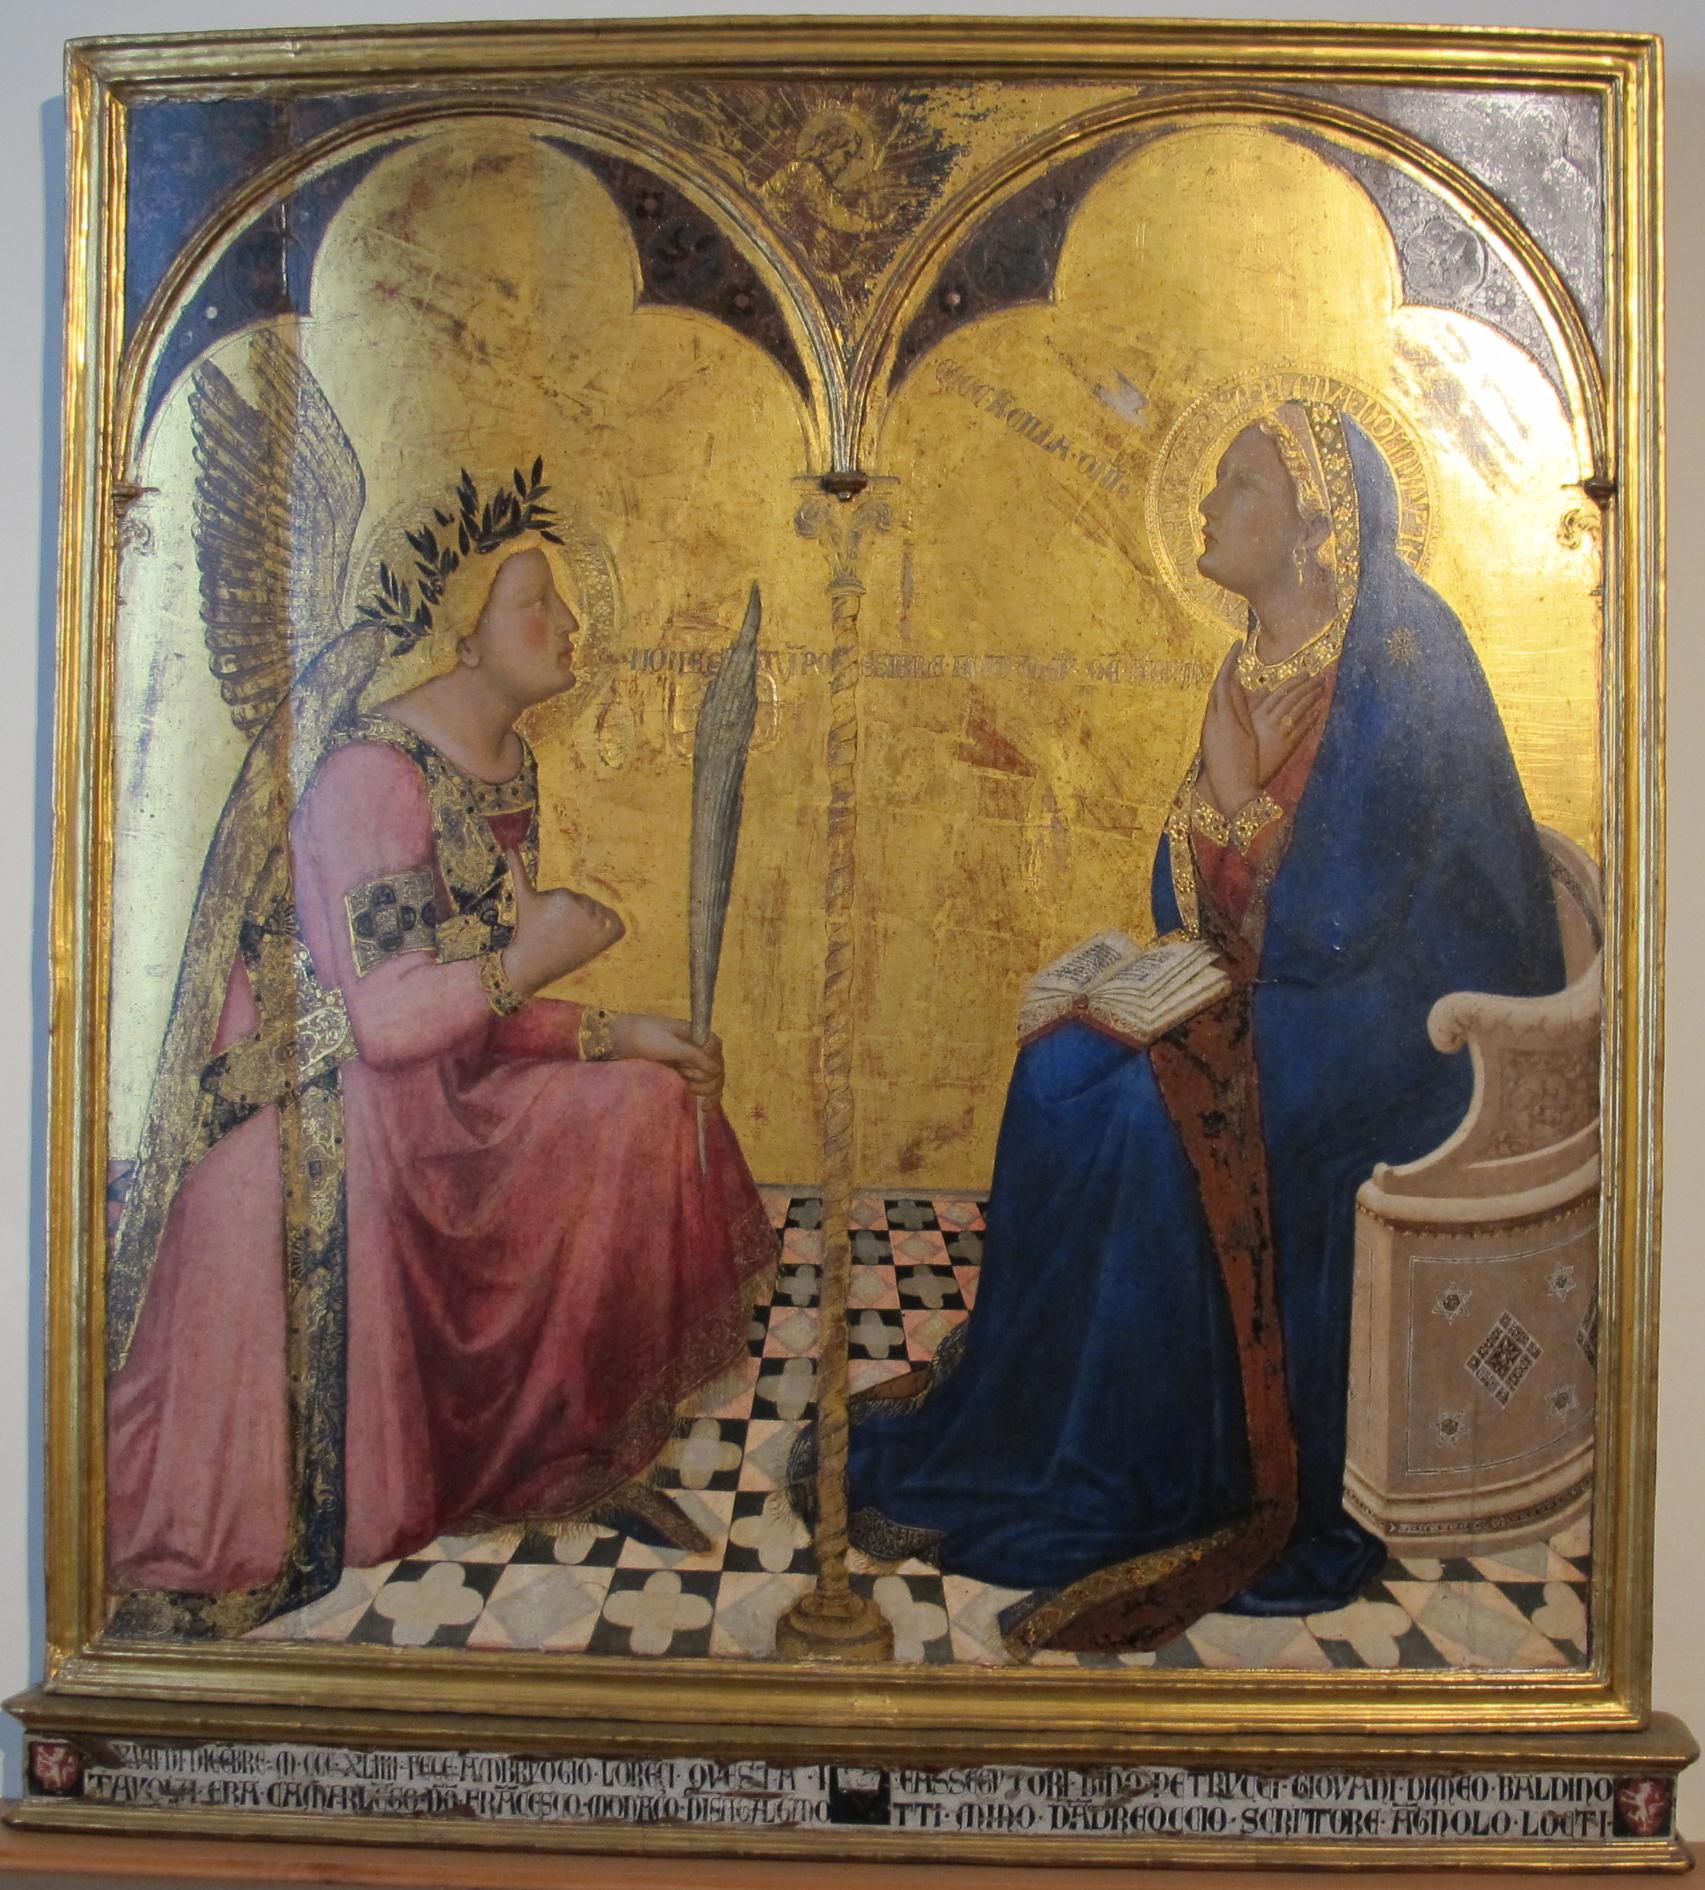 Ambrogio Lorenzetti, L'annonciation, 1343 (Domaine public via Wikimedia Commons)